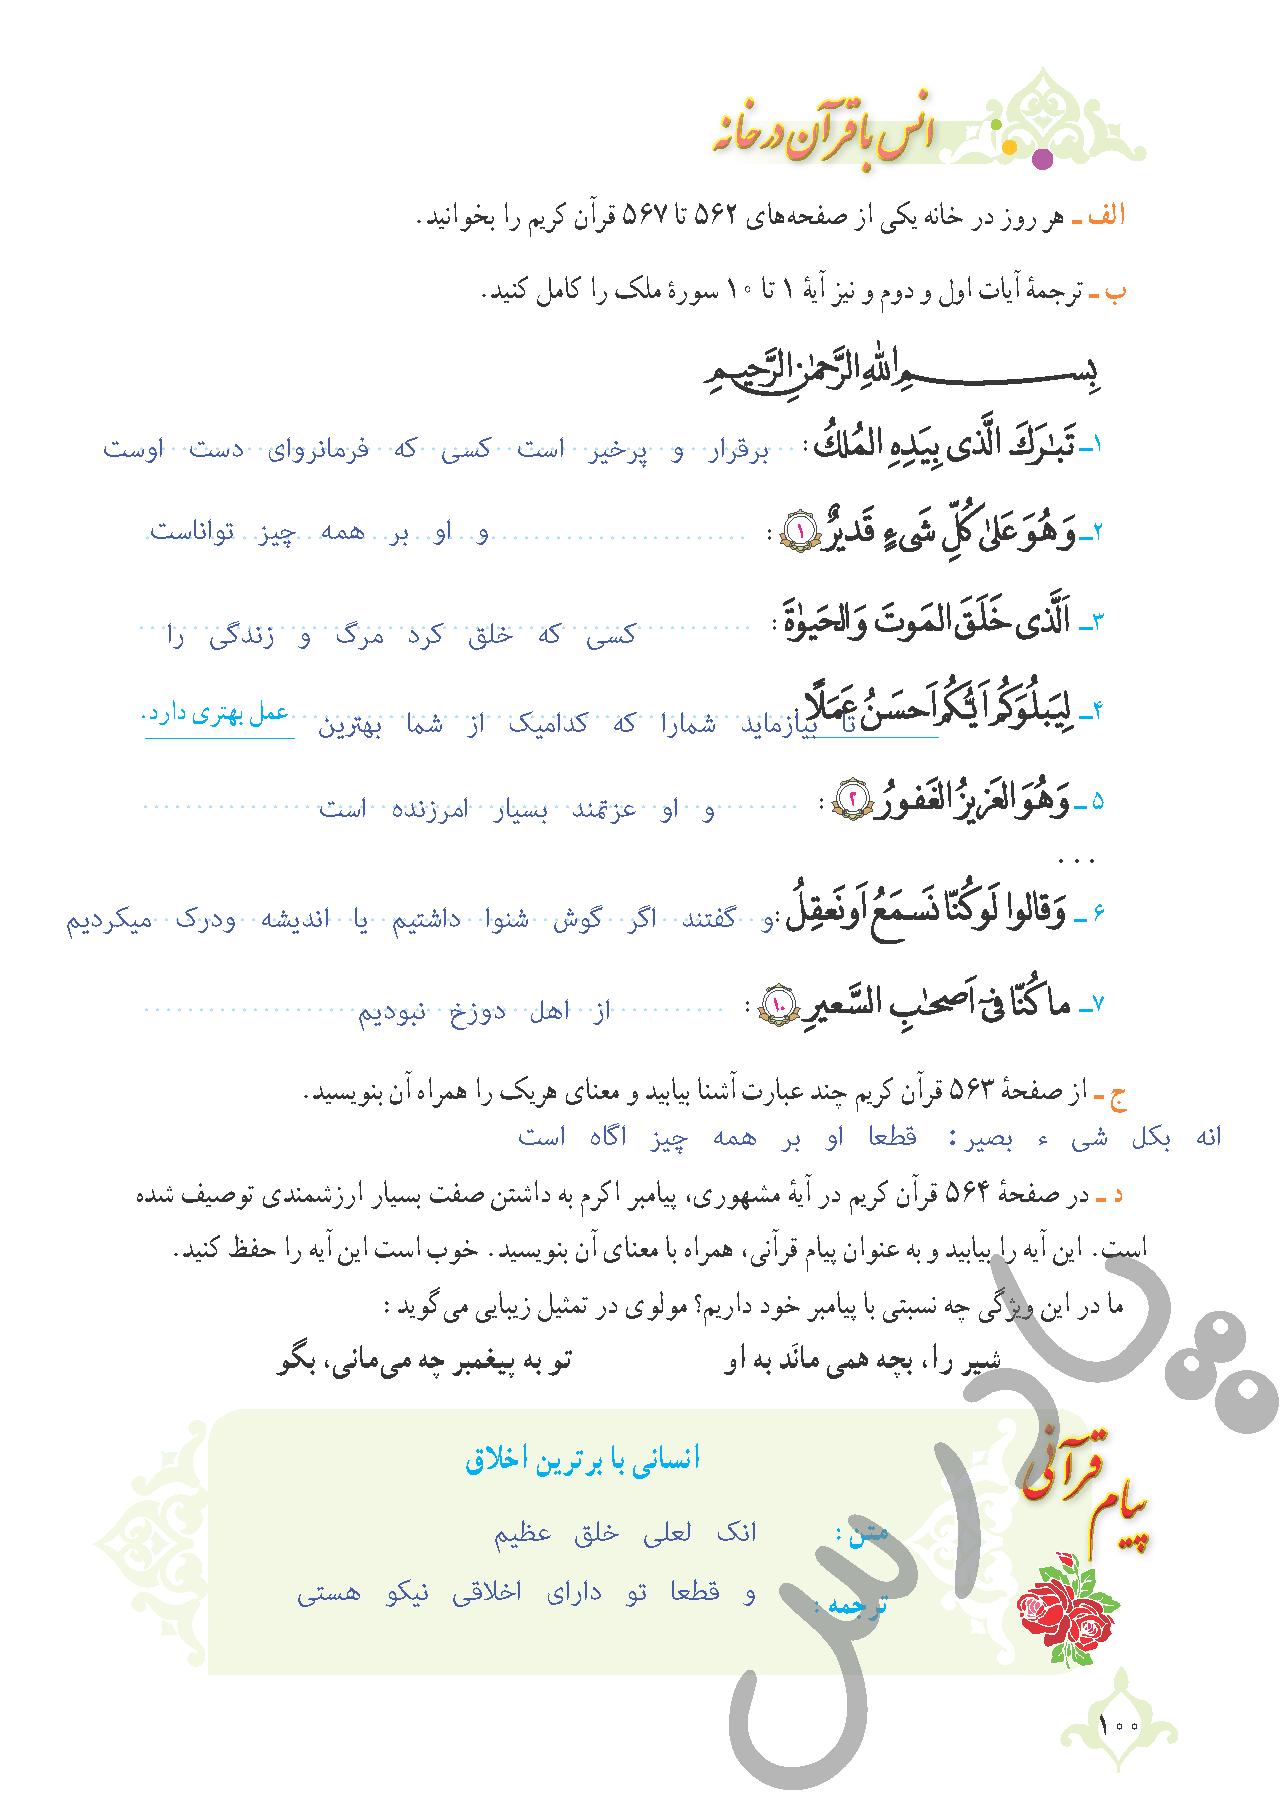 جواب انس با قرآن درس9 قرآن نهم بخش دوم